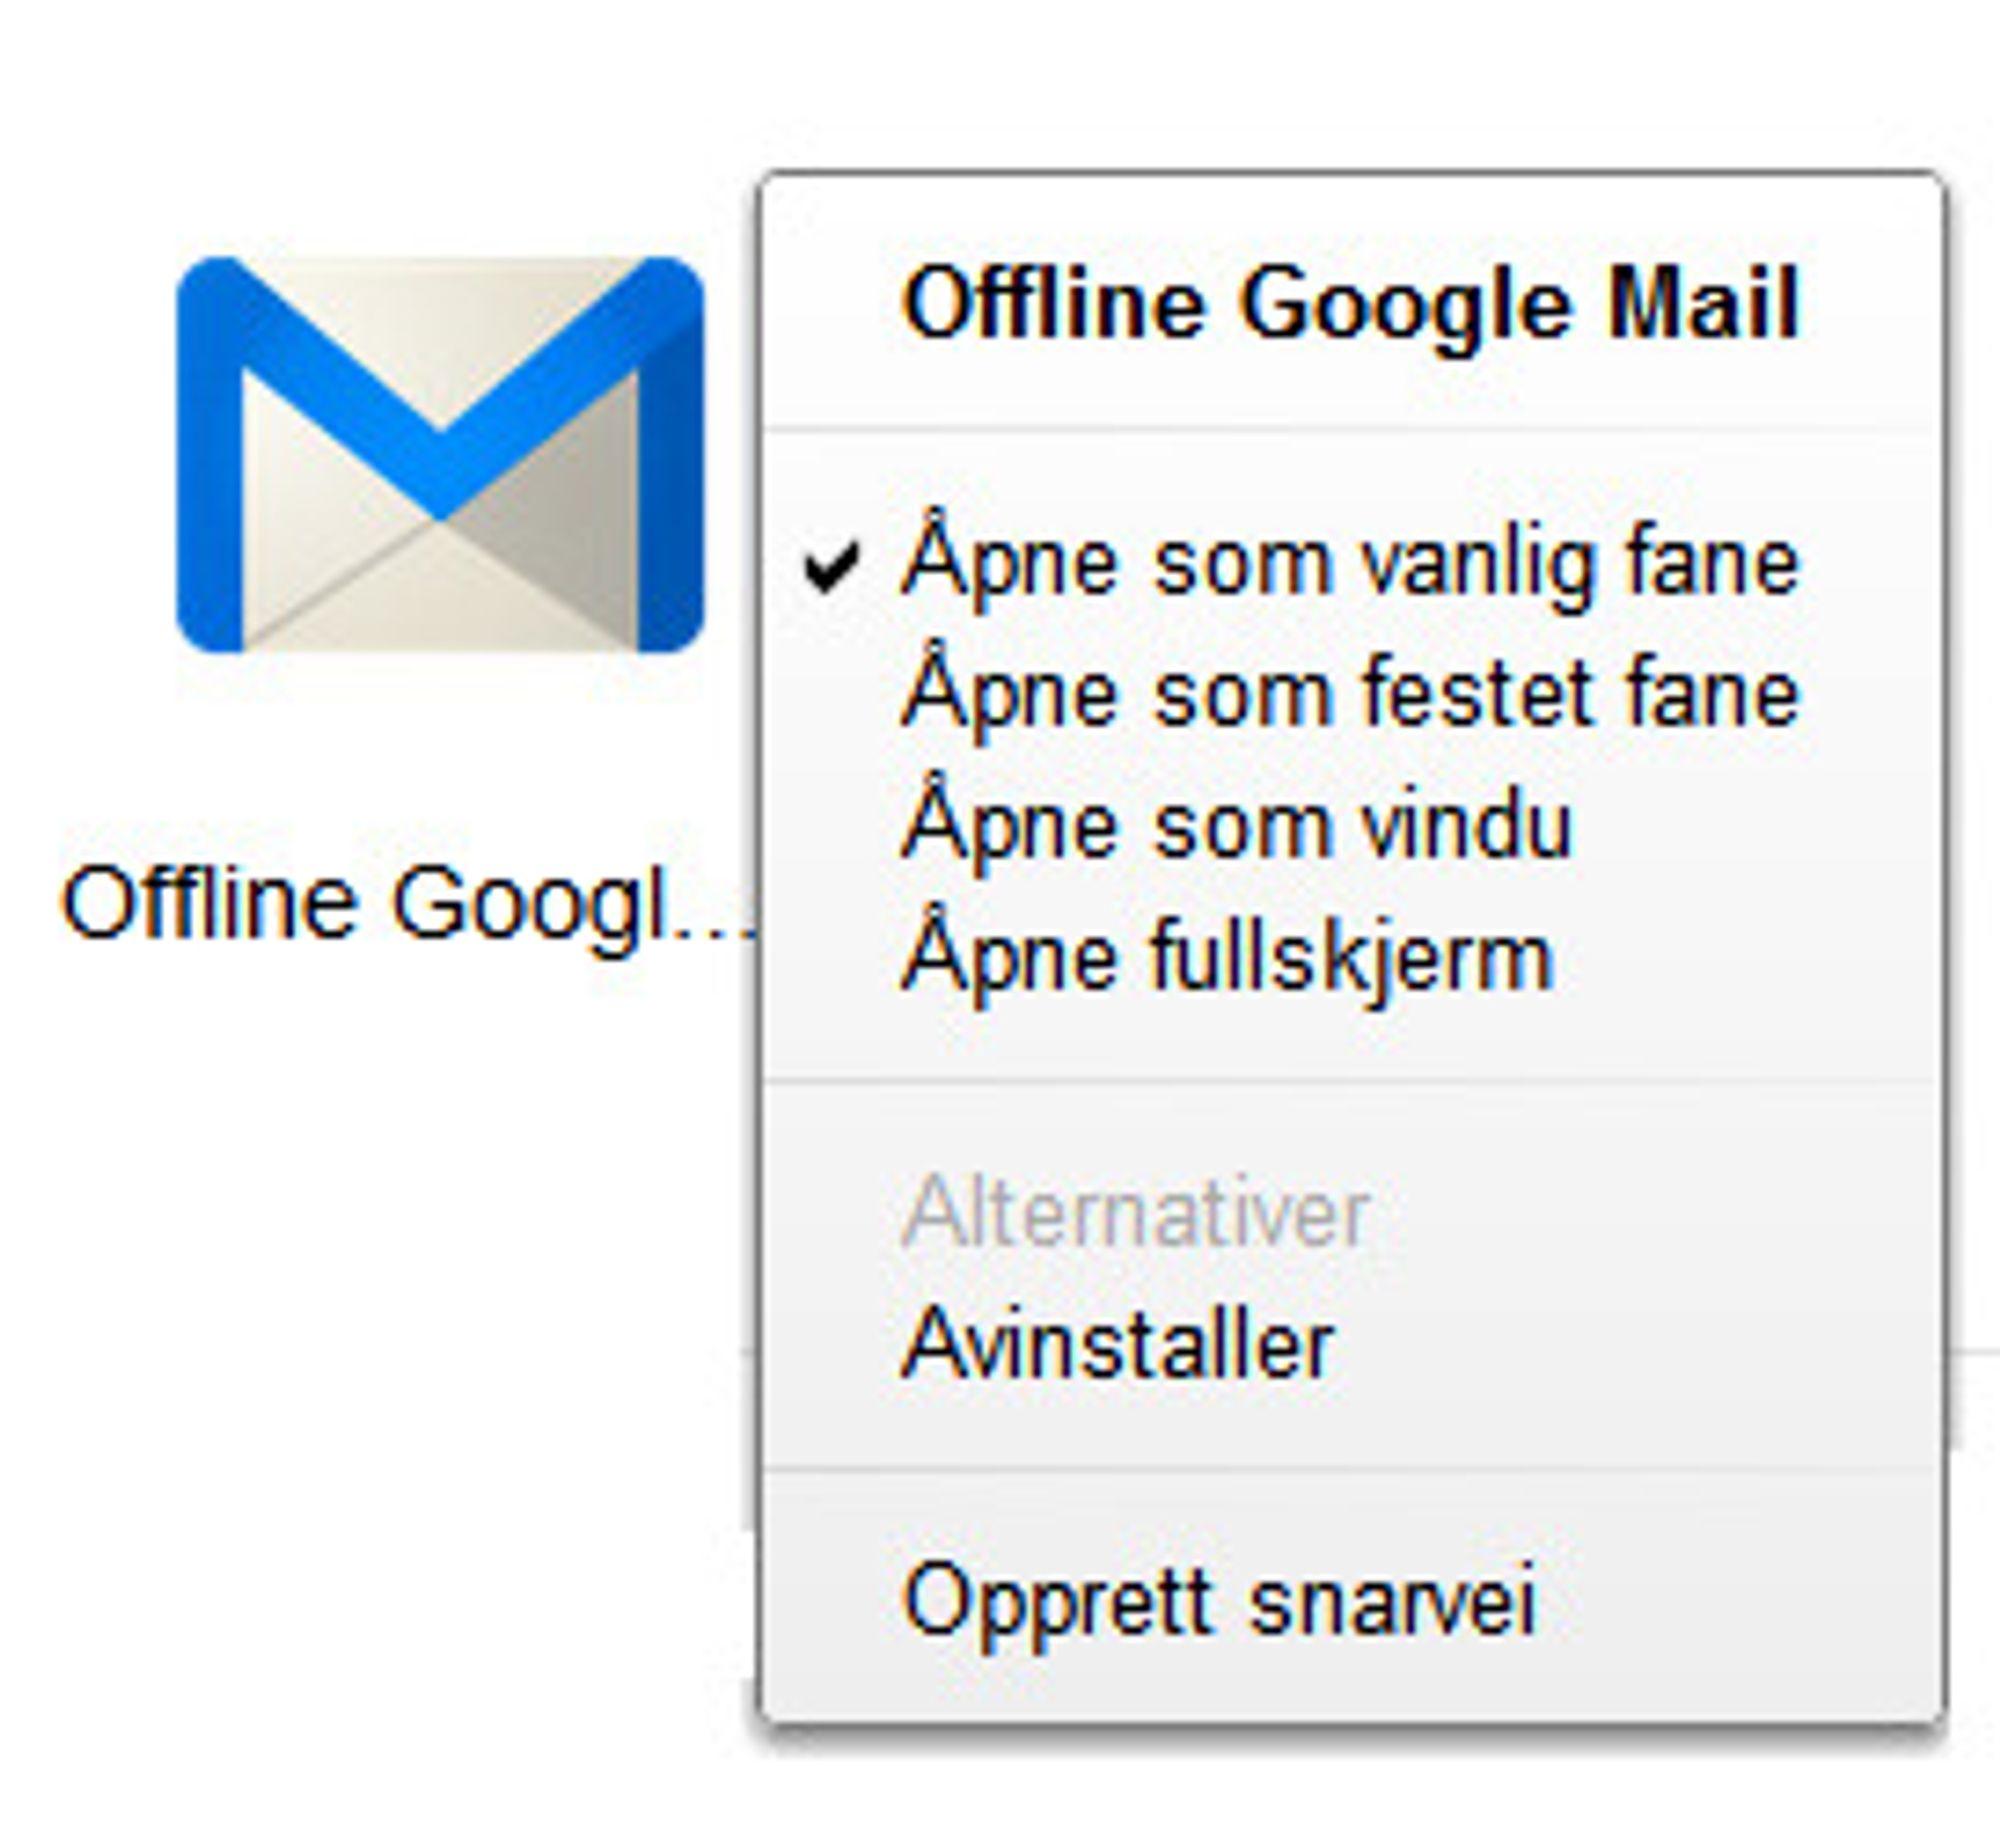 Offline Gmail startes fra siden som vises når man åpner en ny fane i Google Chrome